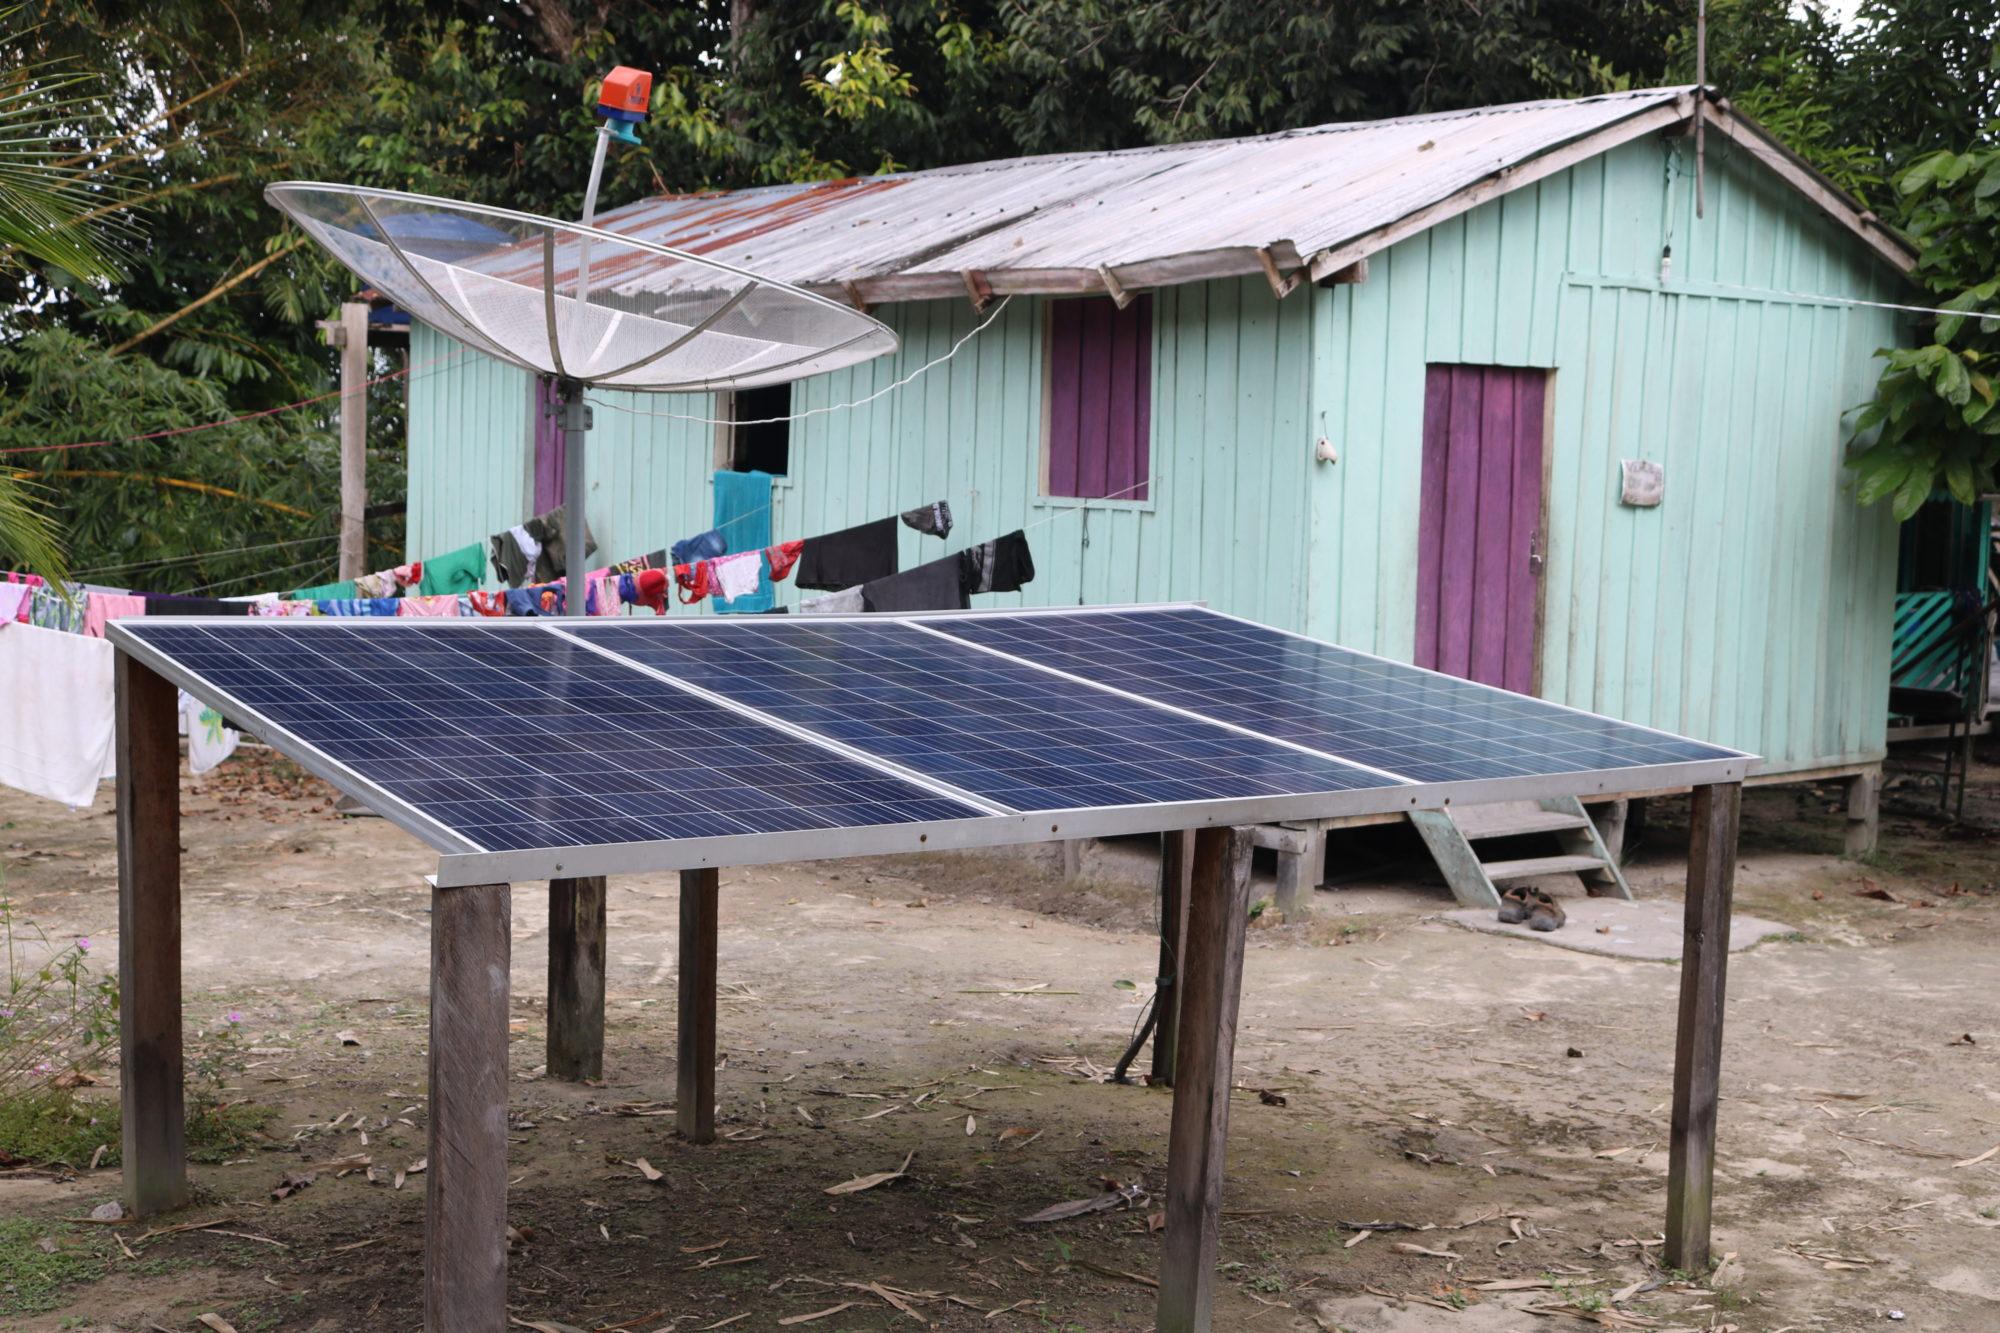 Energia solar avança nas comunidades ribeirinhas da Amazônia